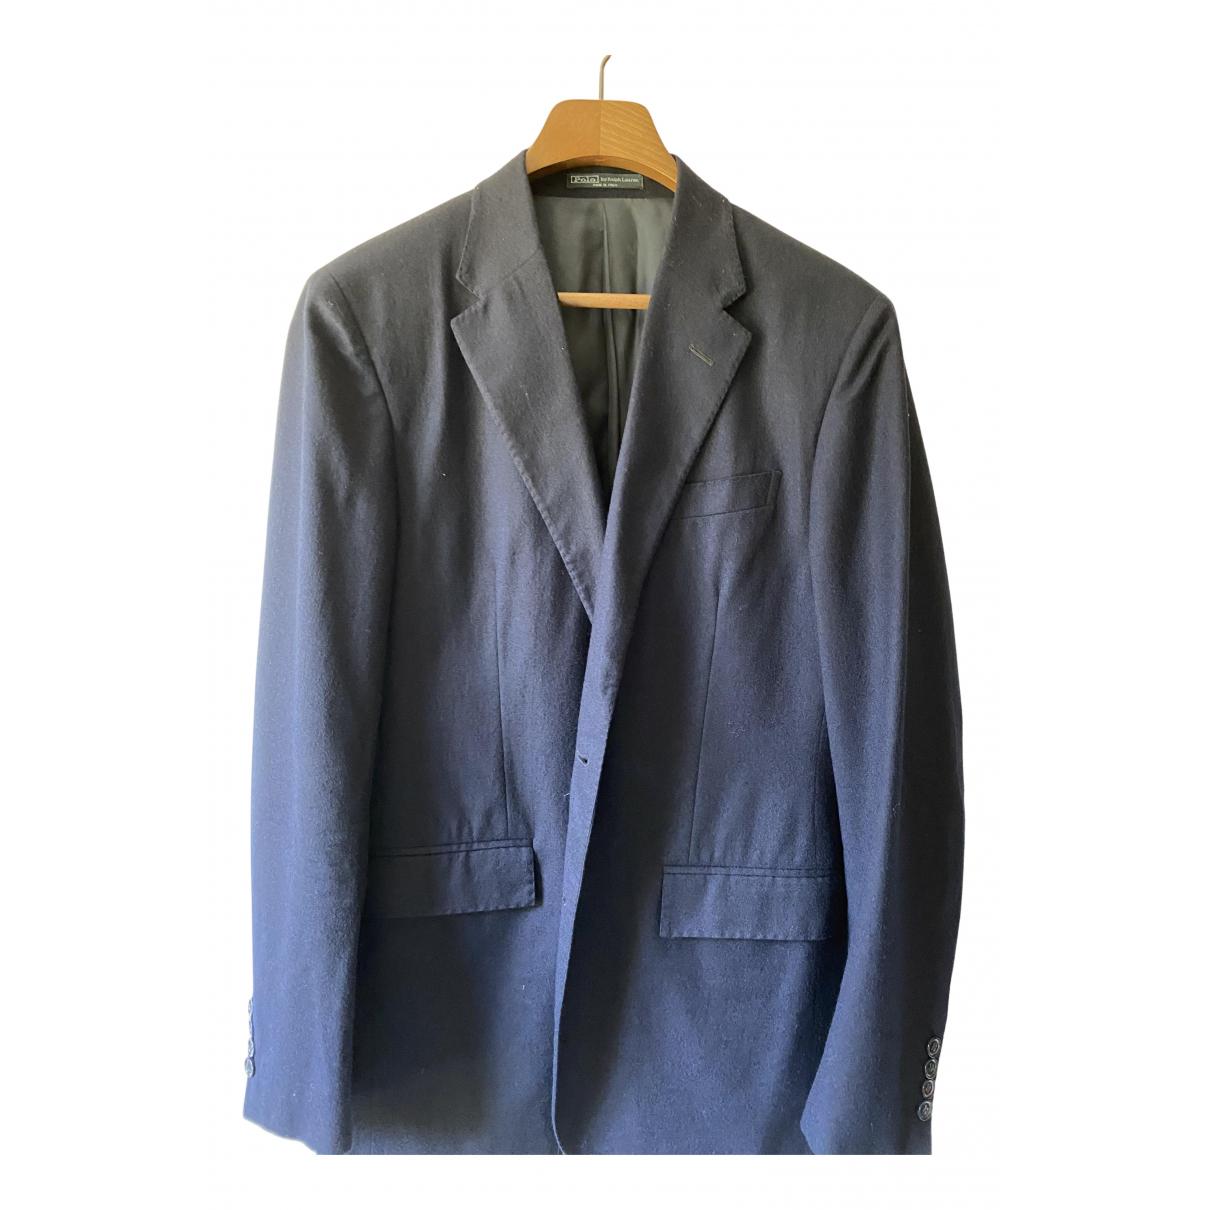 Polo Ralph Lauren - Vestes.Blousons   pour homme en laine - marine